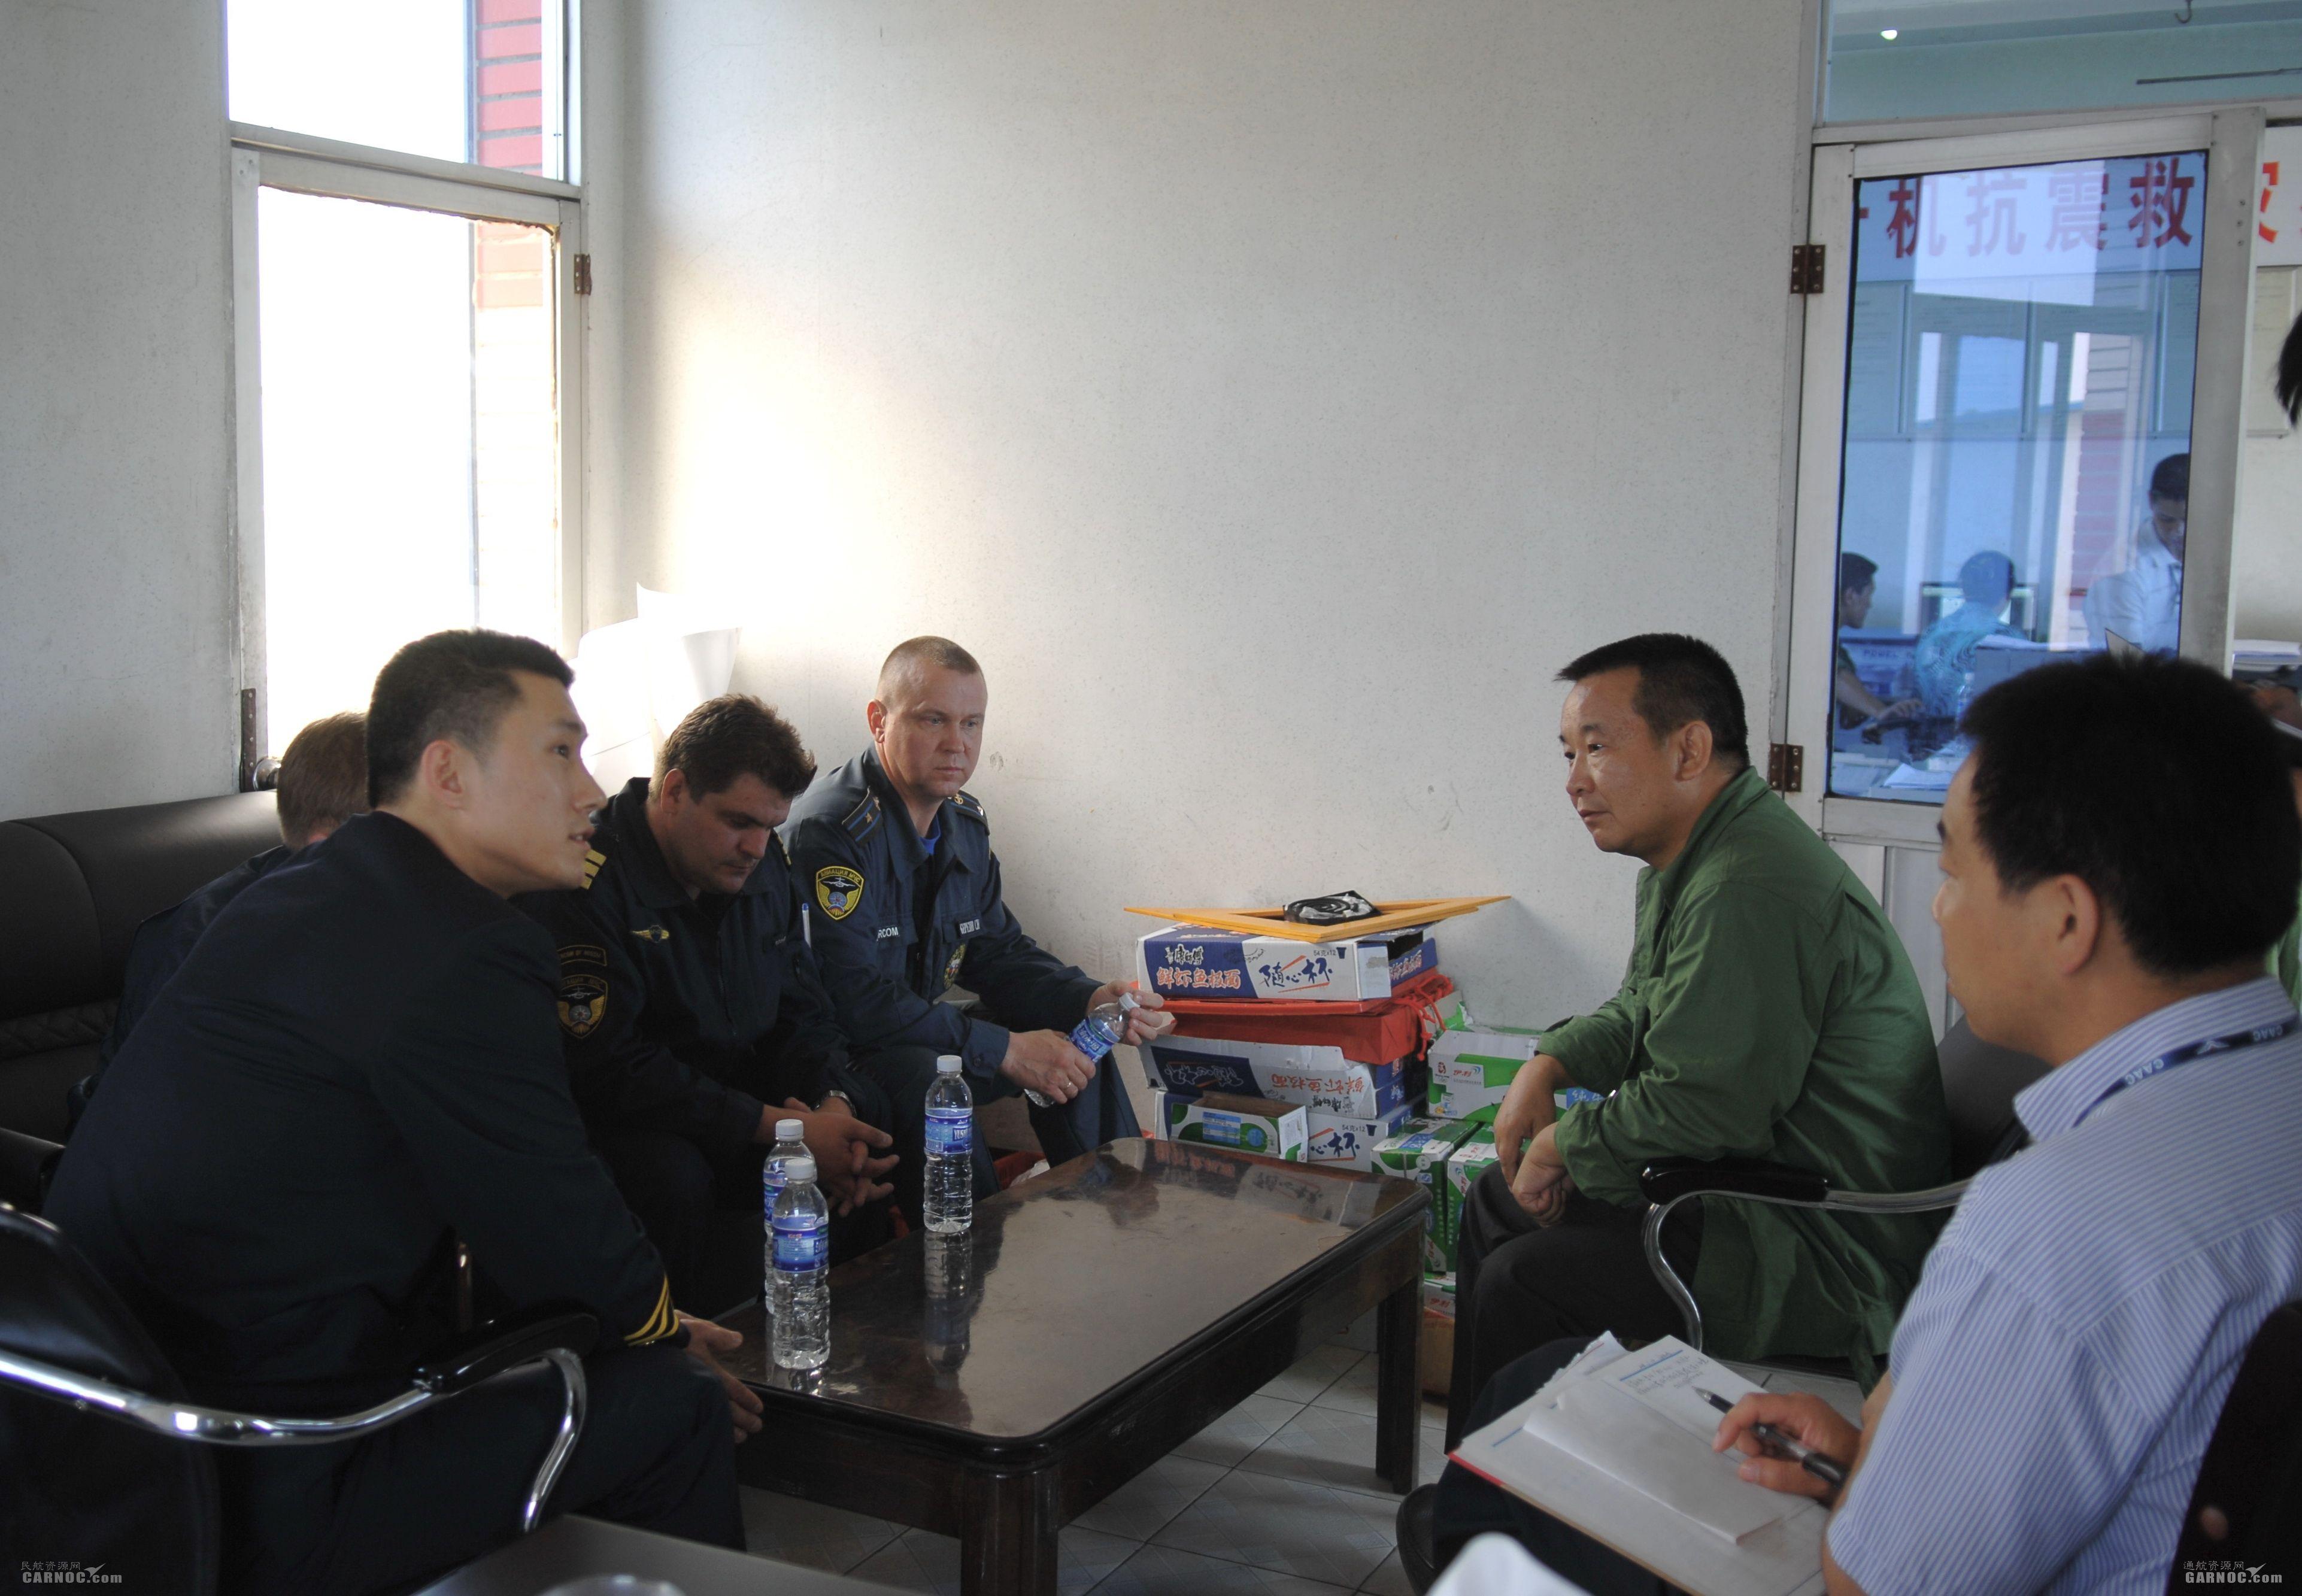 民航直升机抗震救灾指挥长吕尔学与俄罗斯机组研讨唐家山堰塞湖排洪方案。